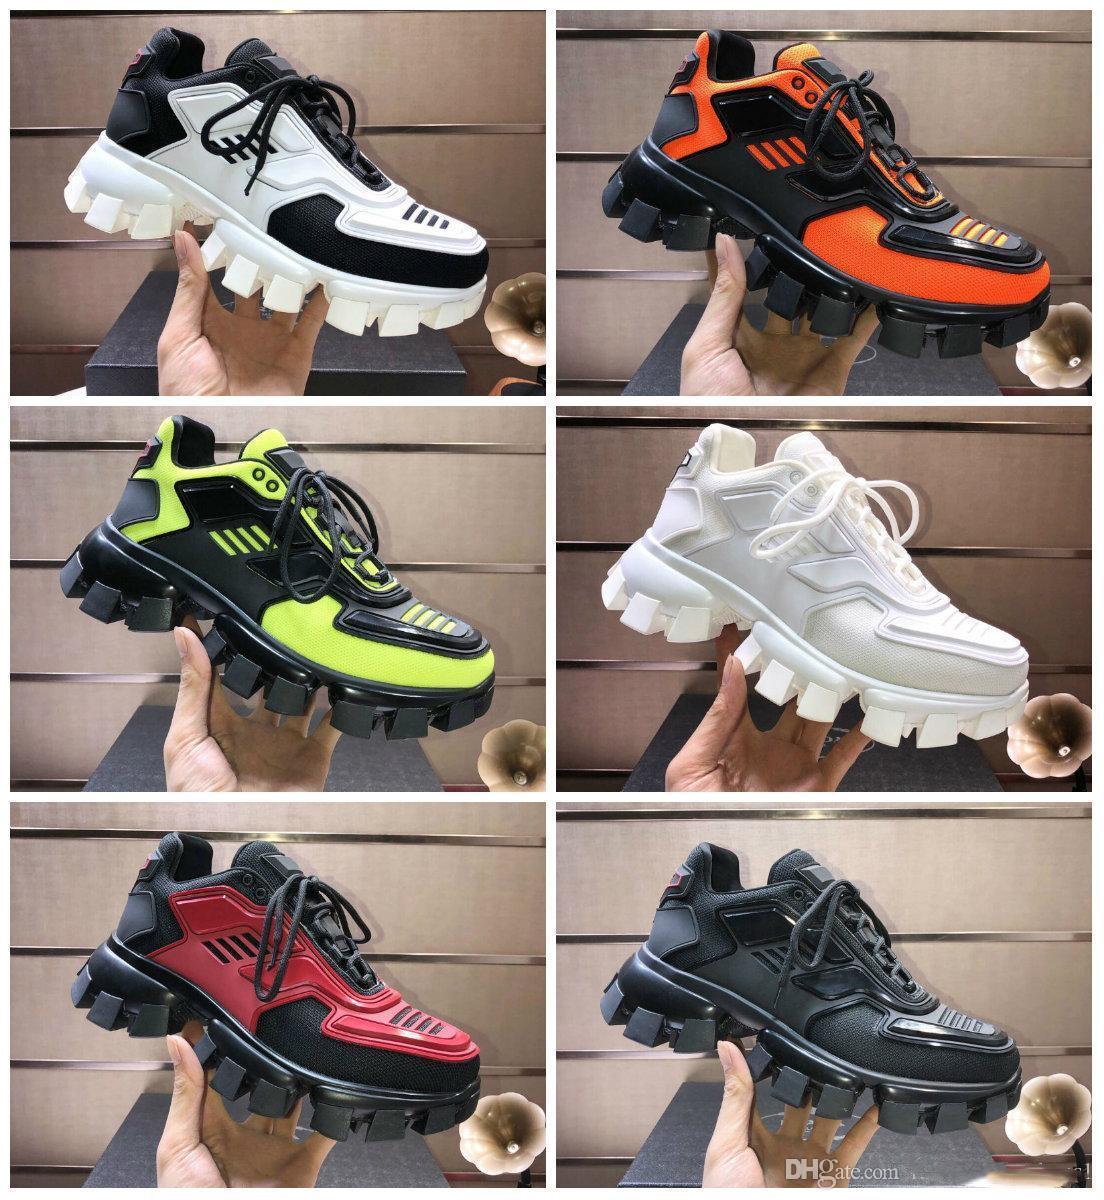 All-Match زوجين قماش الأحذية أعلى جودة السيدات عارضة الأحذية زهرة طباعة الملمس الدانتيل عالية و المنخفضة أعلى أحذية رياضية الرجال أسود أبيض خياطة